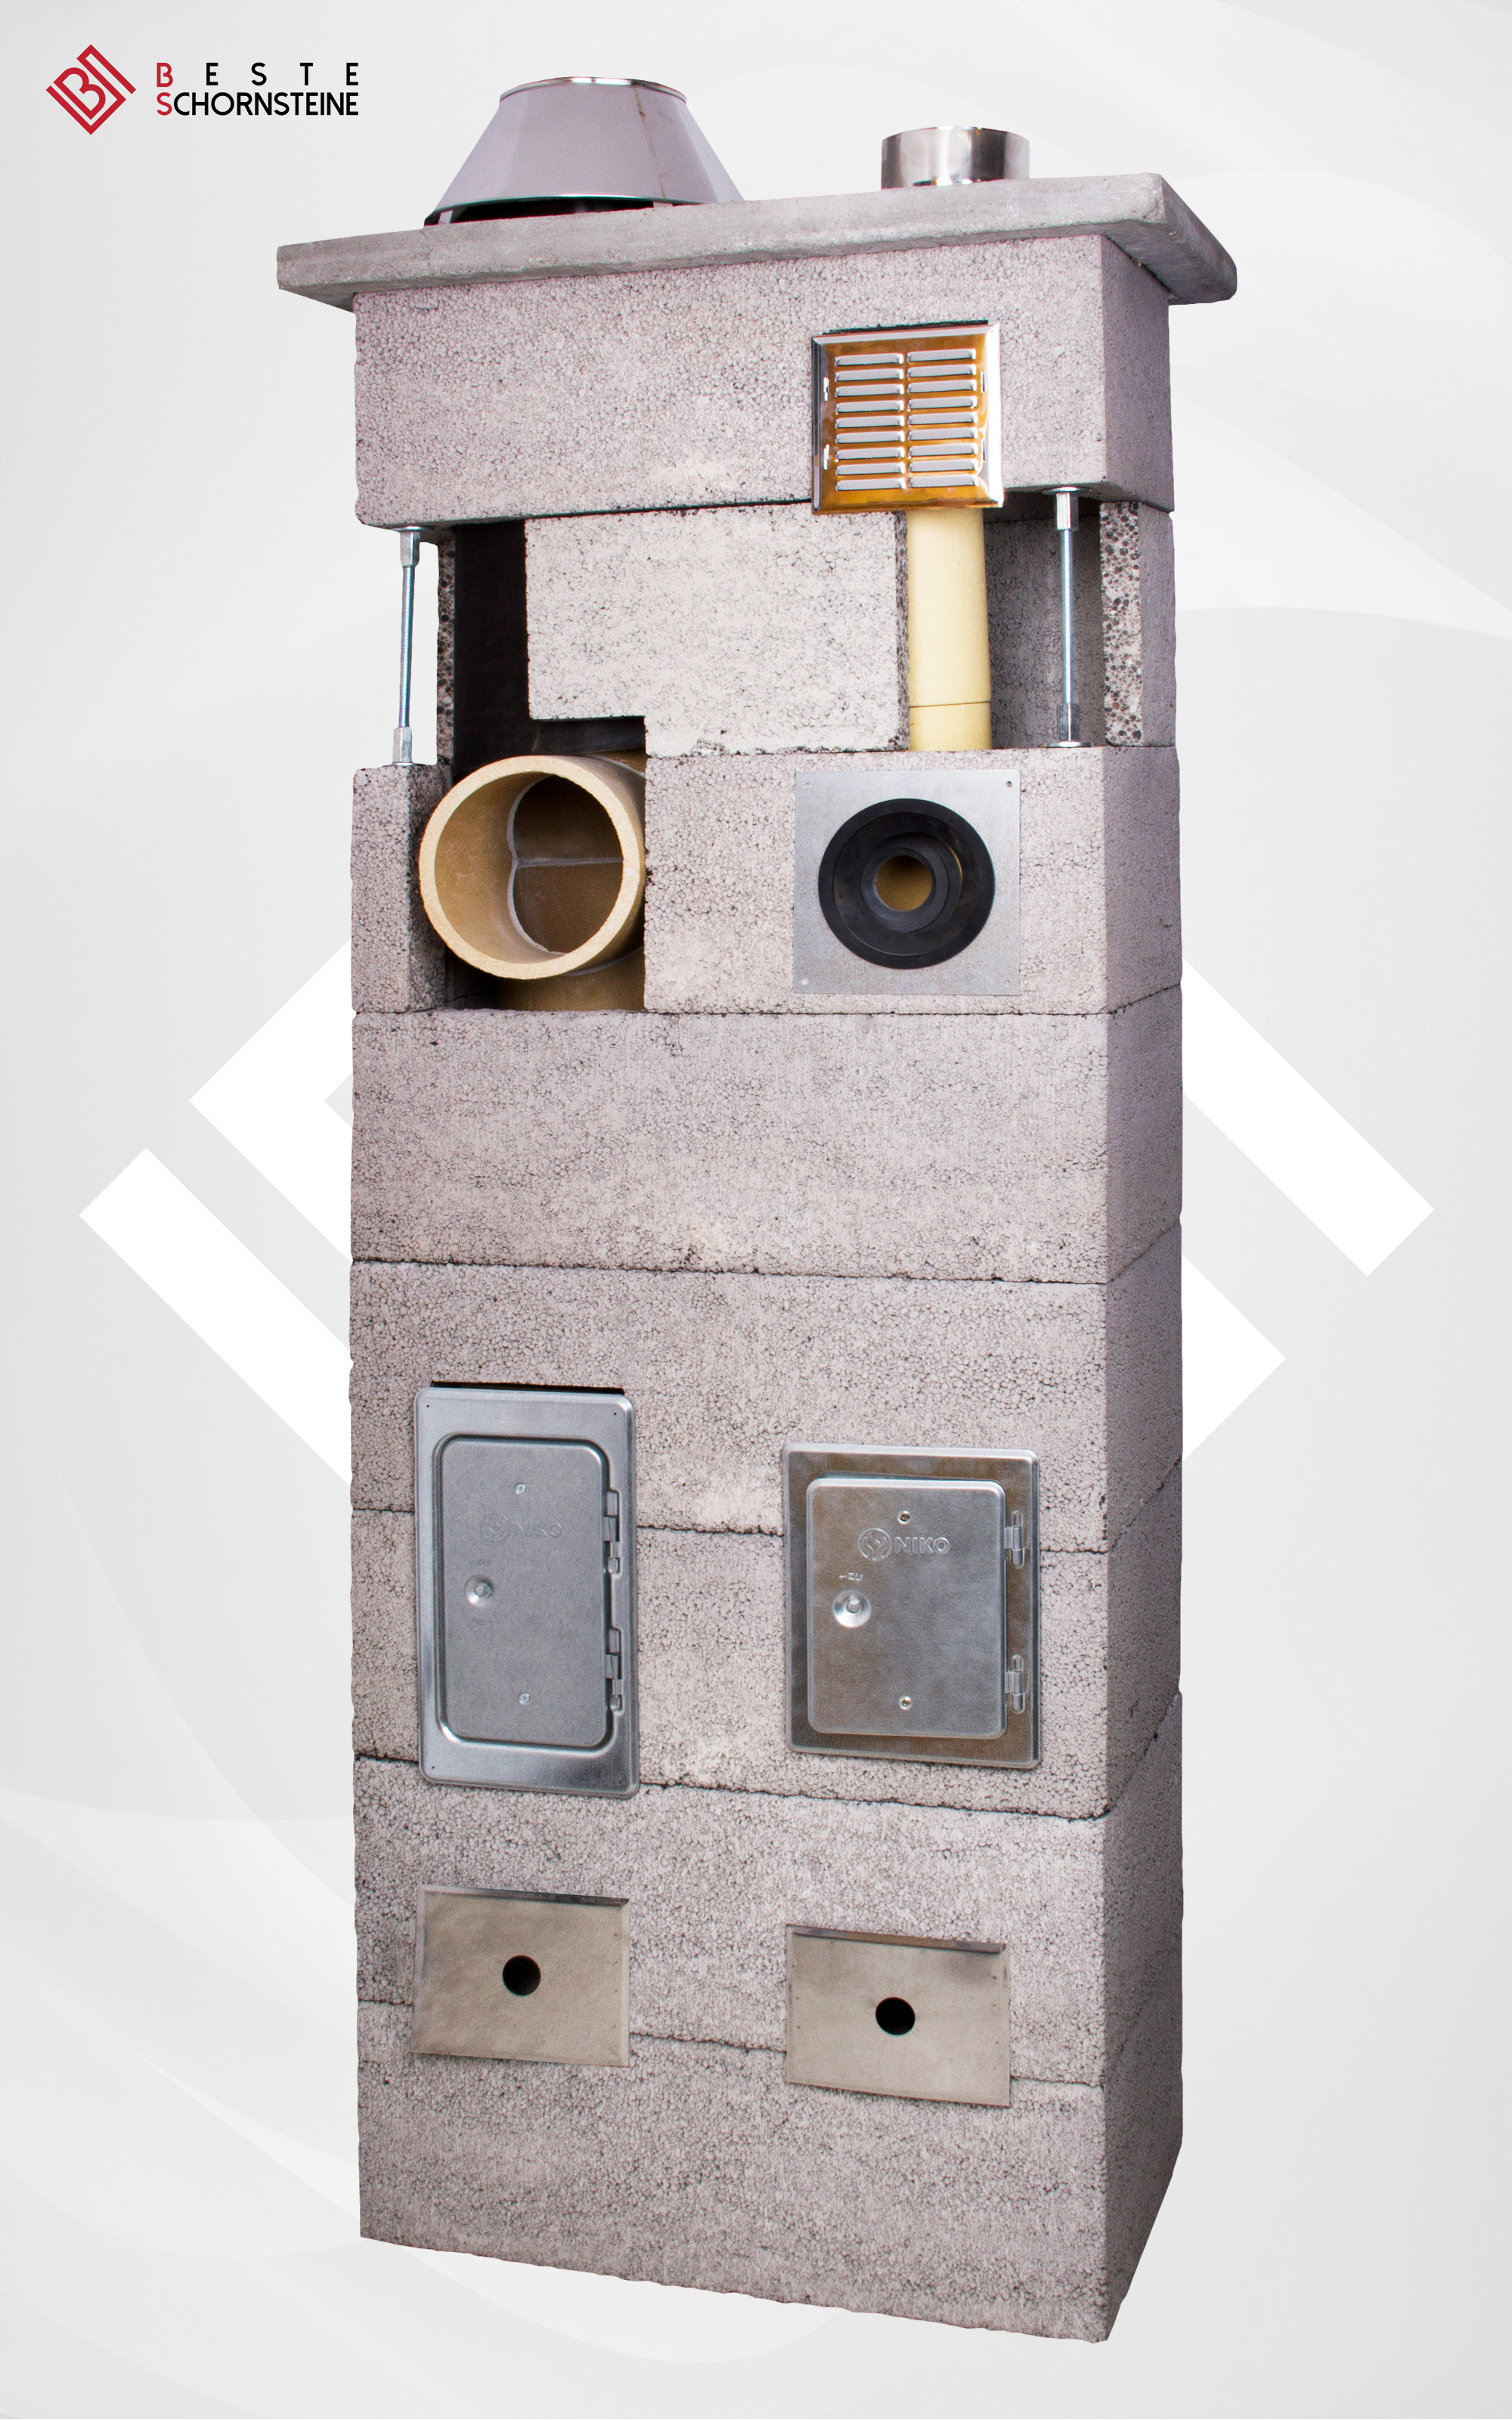 zweiz gig keramik schornstein 140 mm 160 mm beste. Black Bedroom Furniture Sets. Home Design Ideas